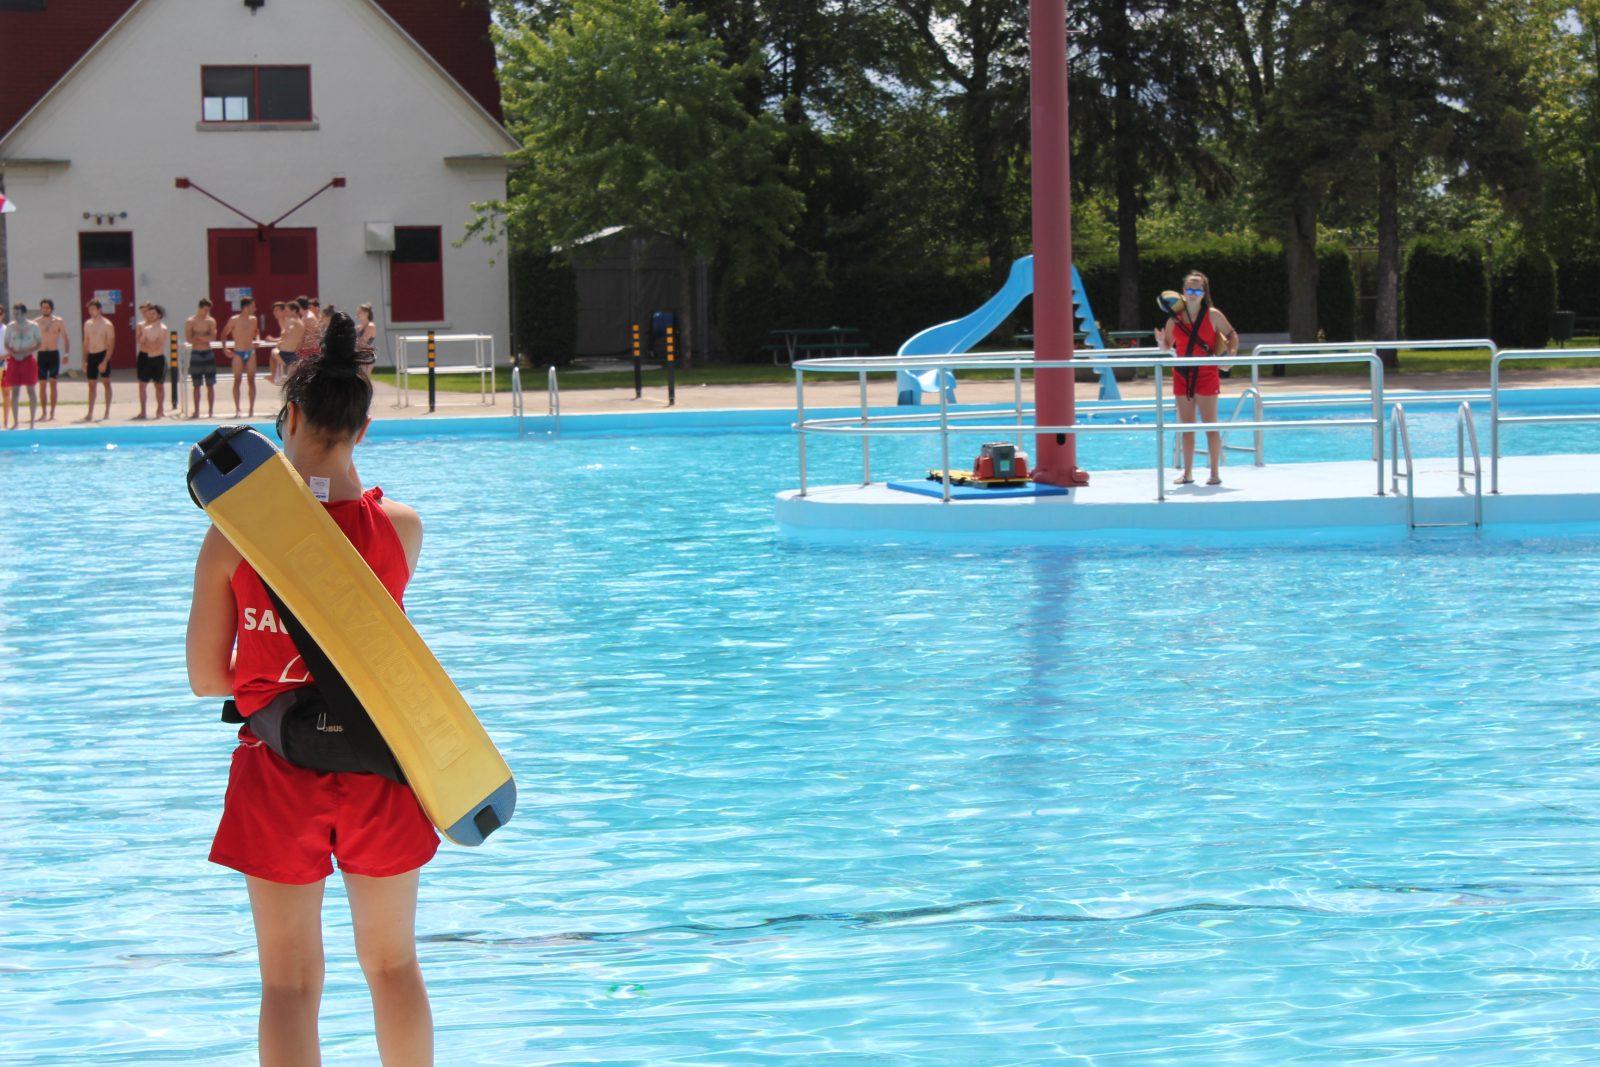 Semaine nationale de prévention de la noyade du 21 au 27 juillet